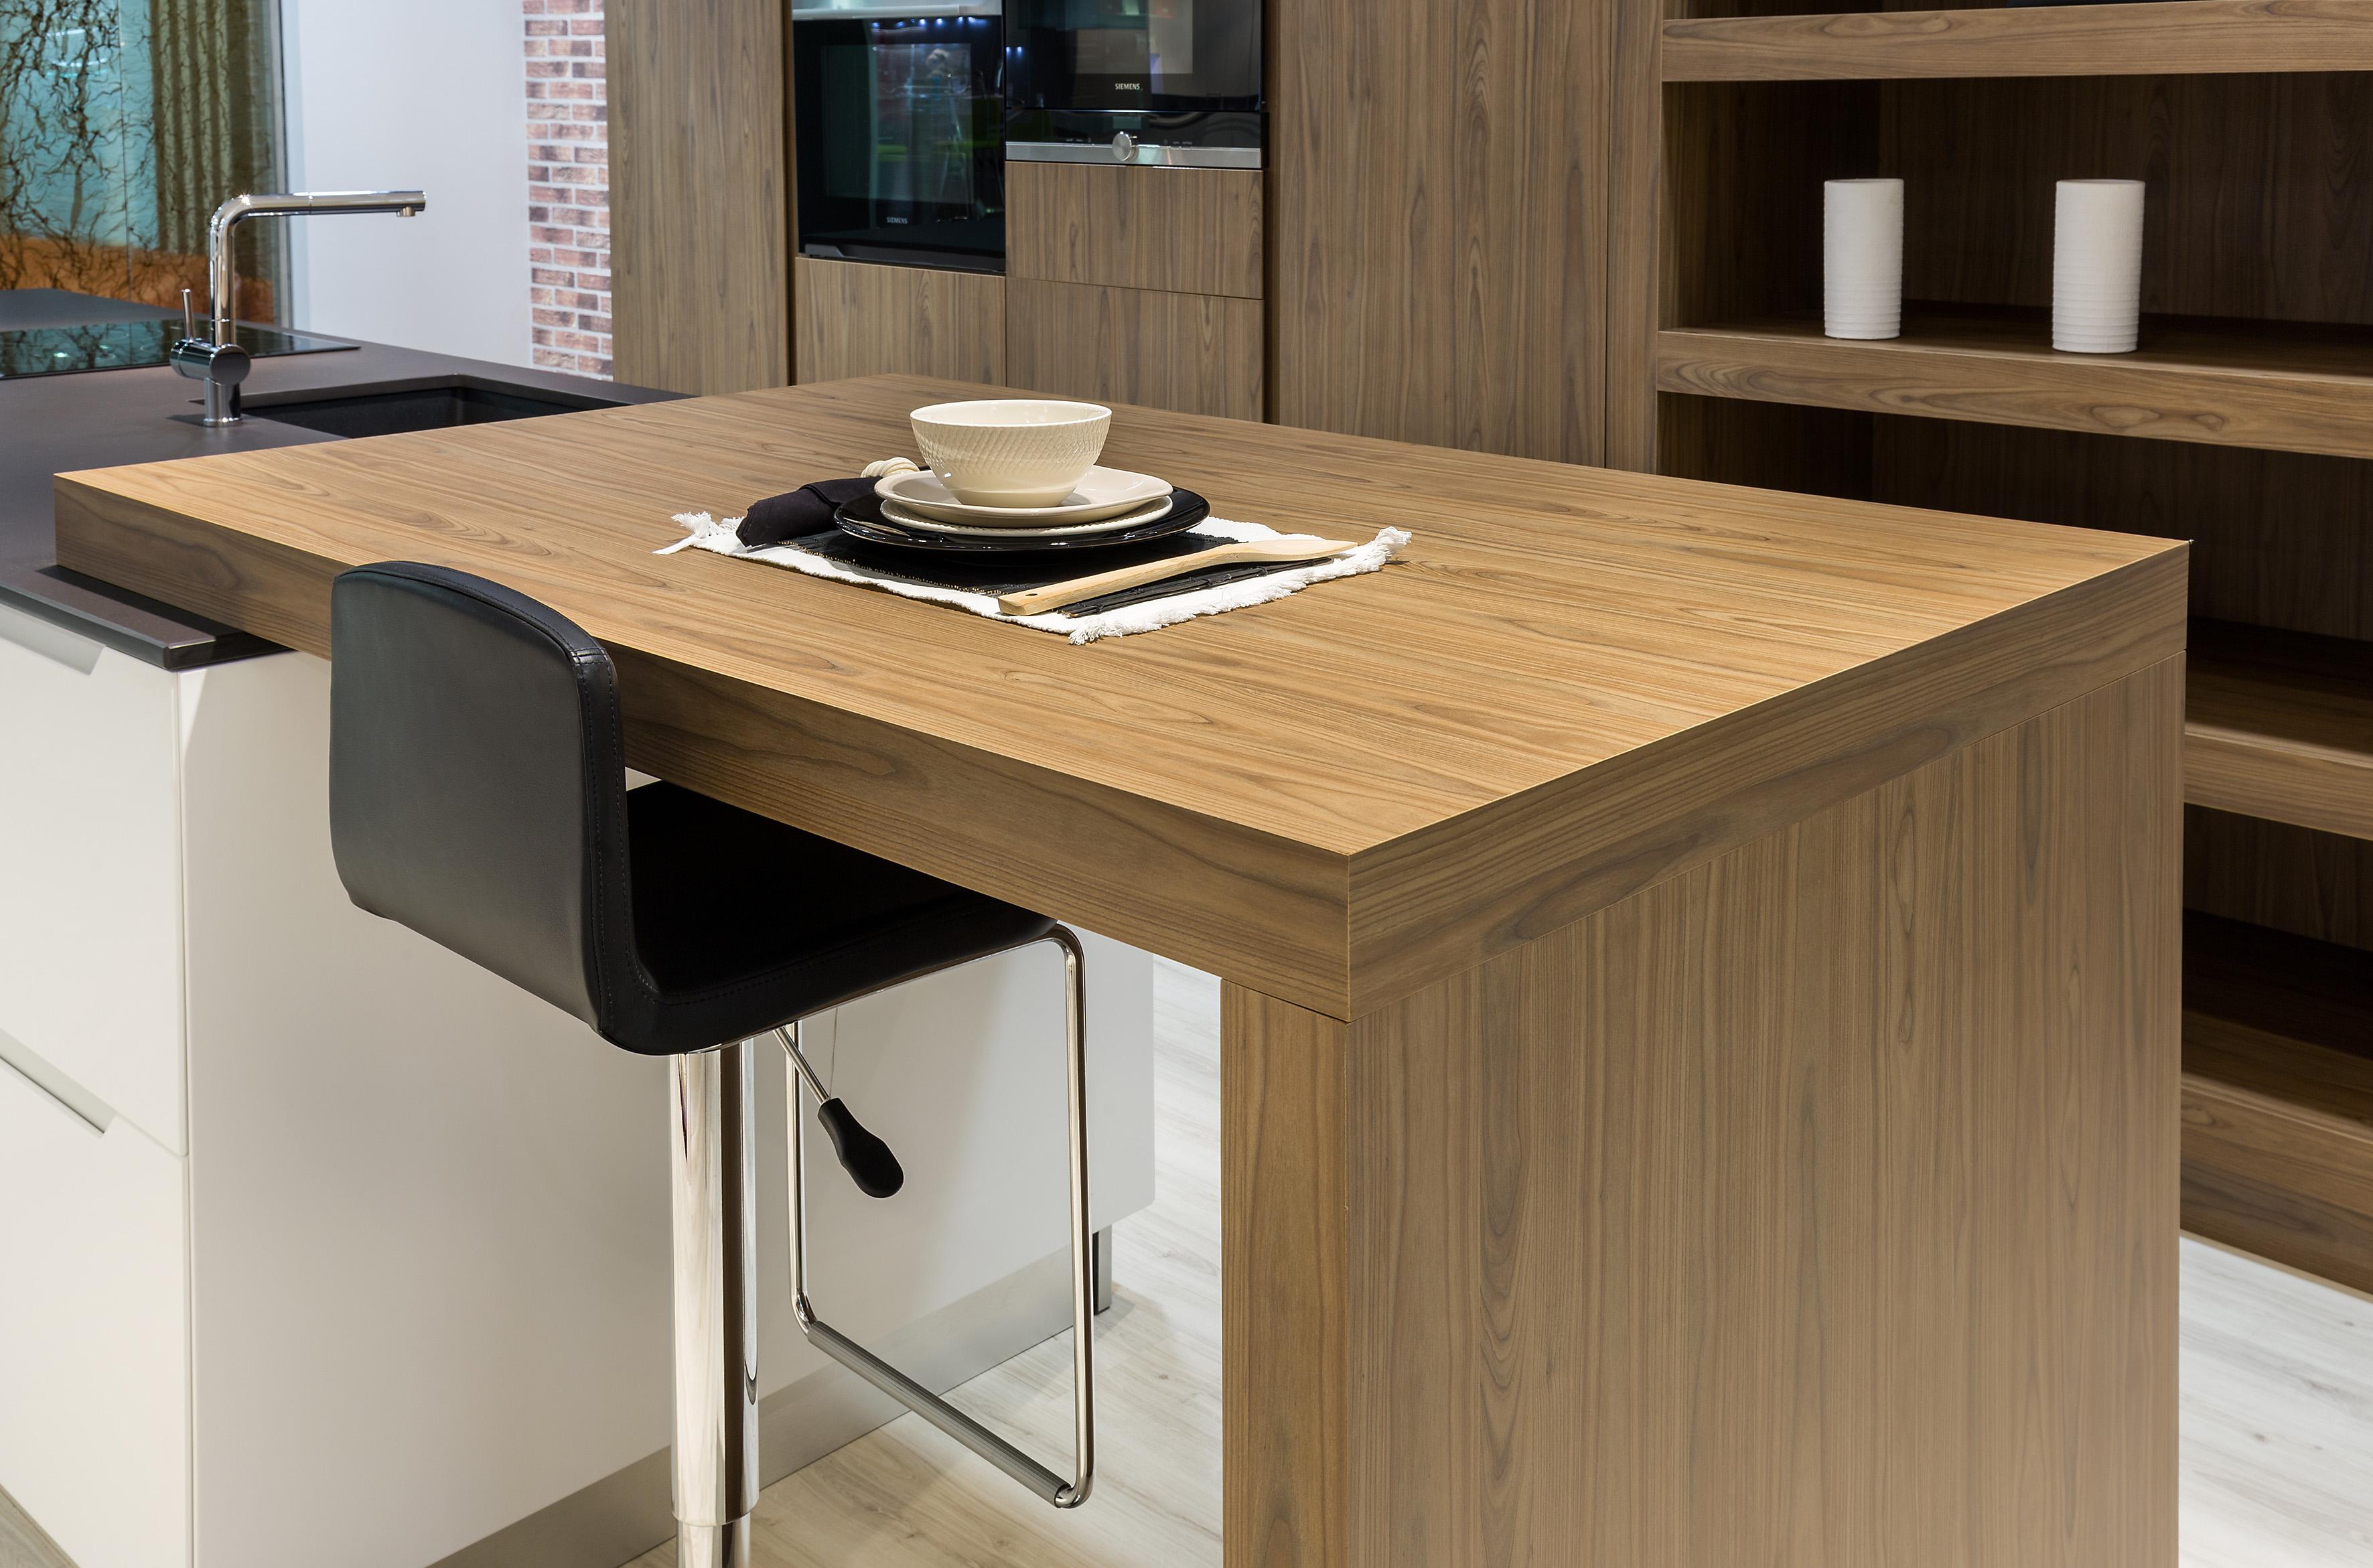 Siéntate y disfruta de tu cocina, decora de la manera mas agradable